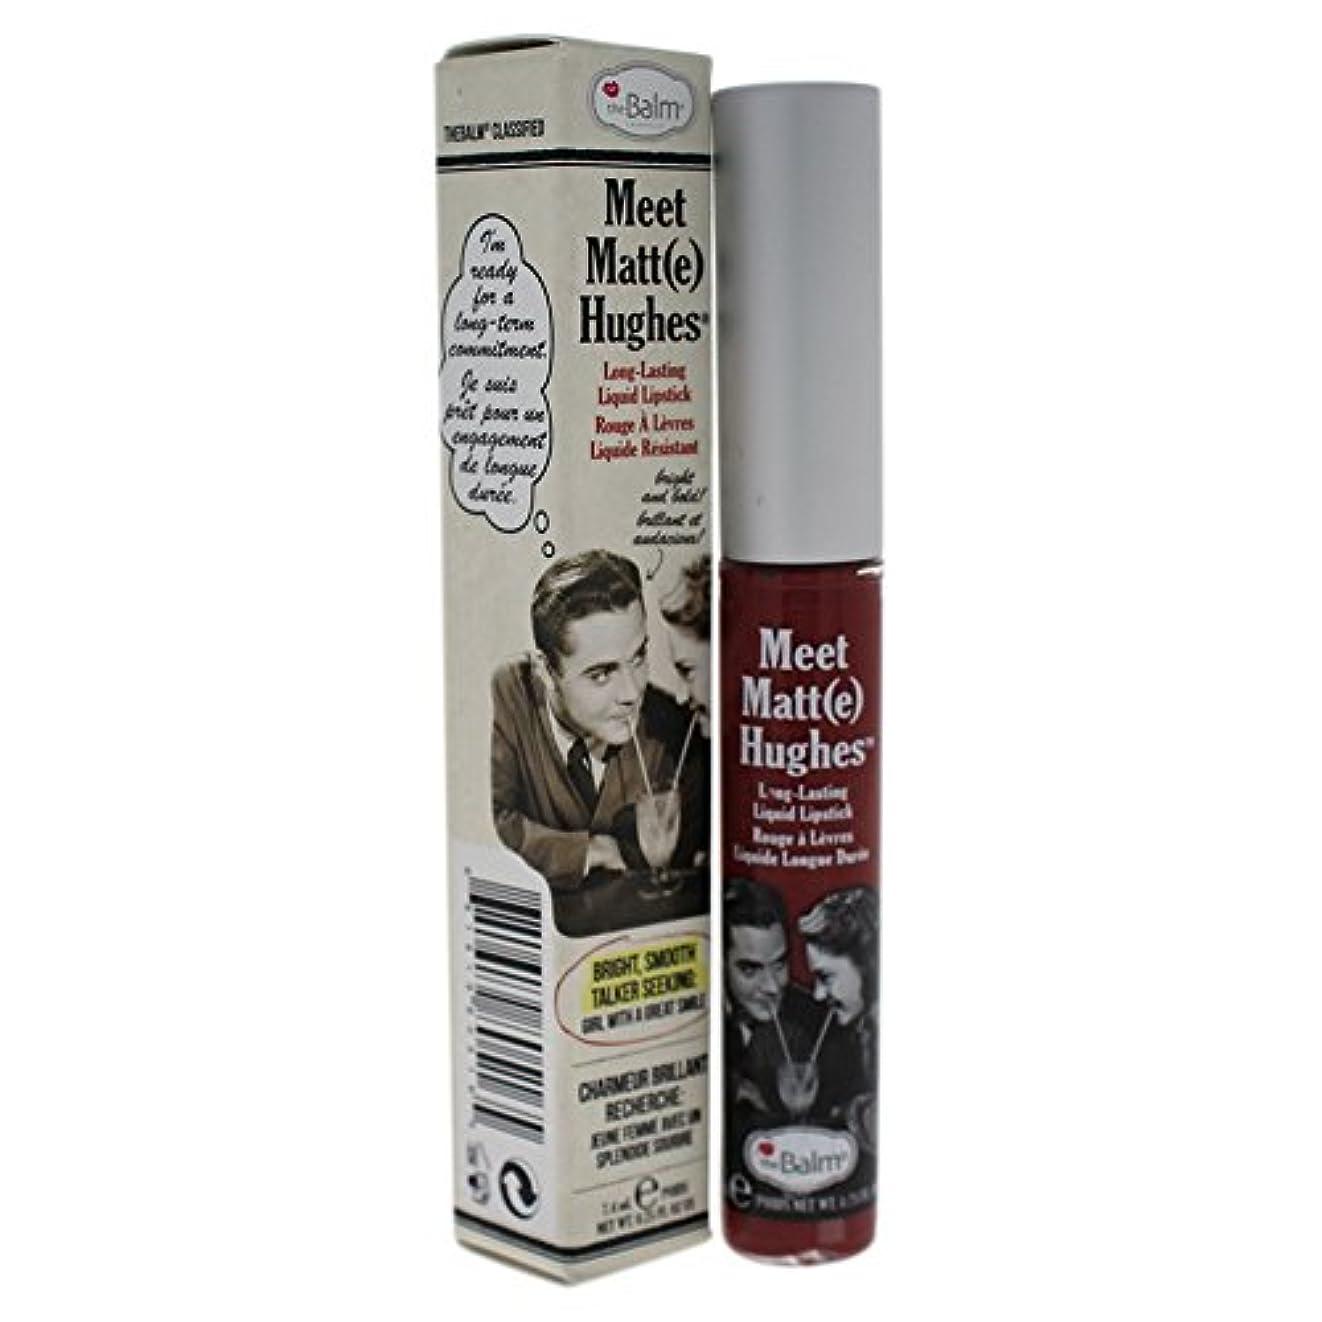 スワップアジア人壮大ザバーム Meet Matte Hughes Long Lasting Liquid Lipstick - Charming 7.4ml/0.25oz並行輸入品